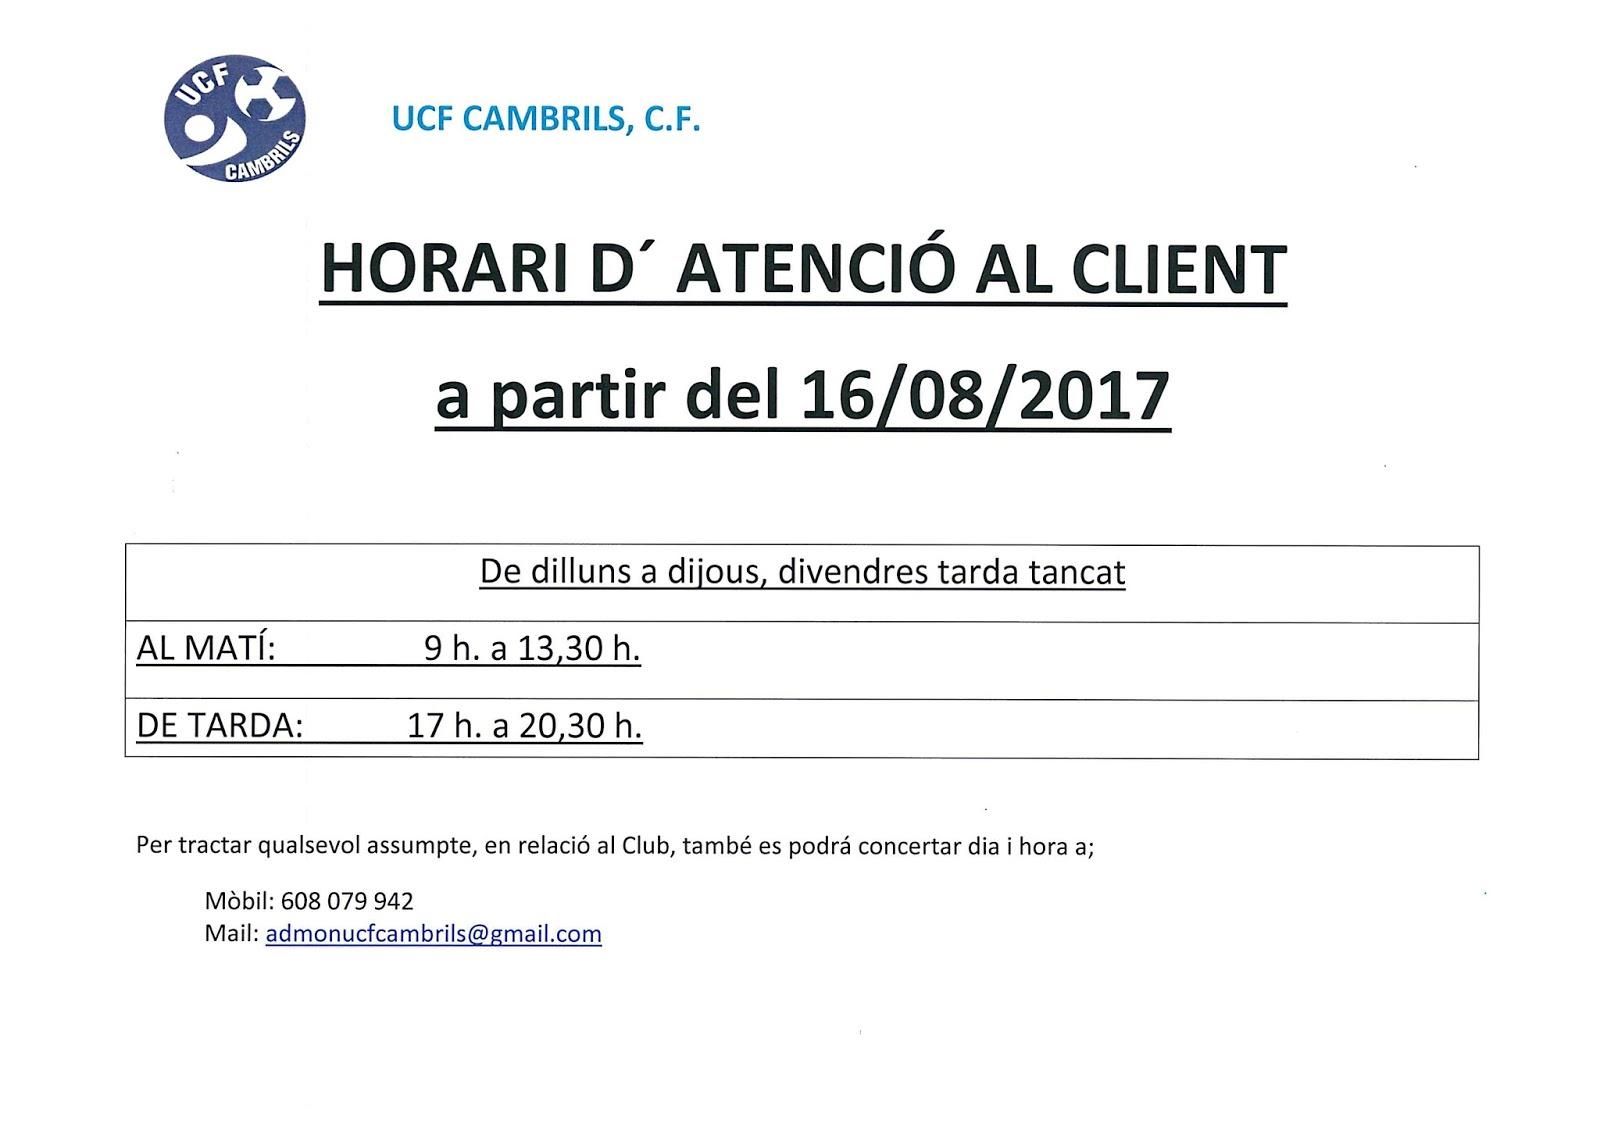 Les not cies del cambrils ucf for Horario oficina adeslas